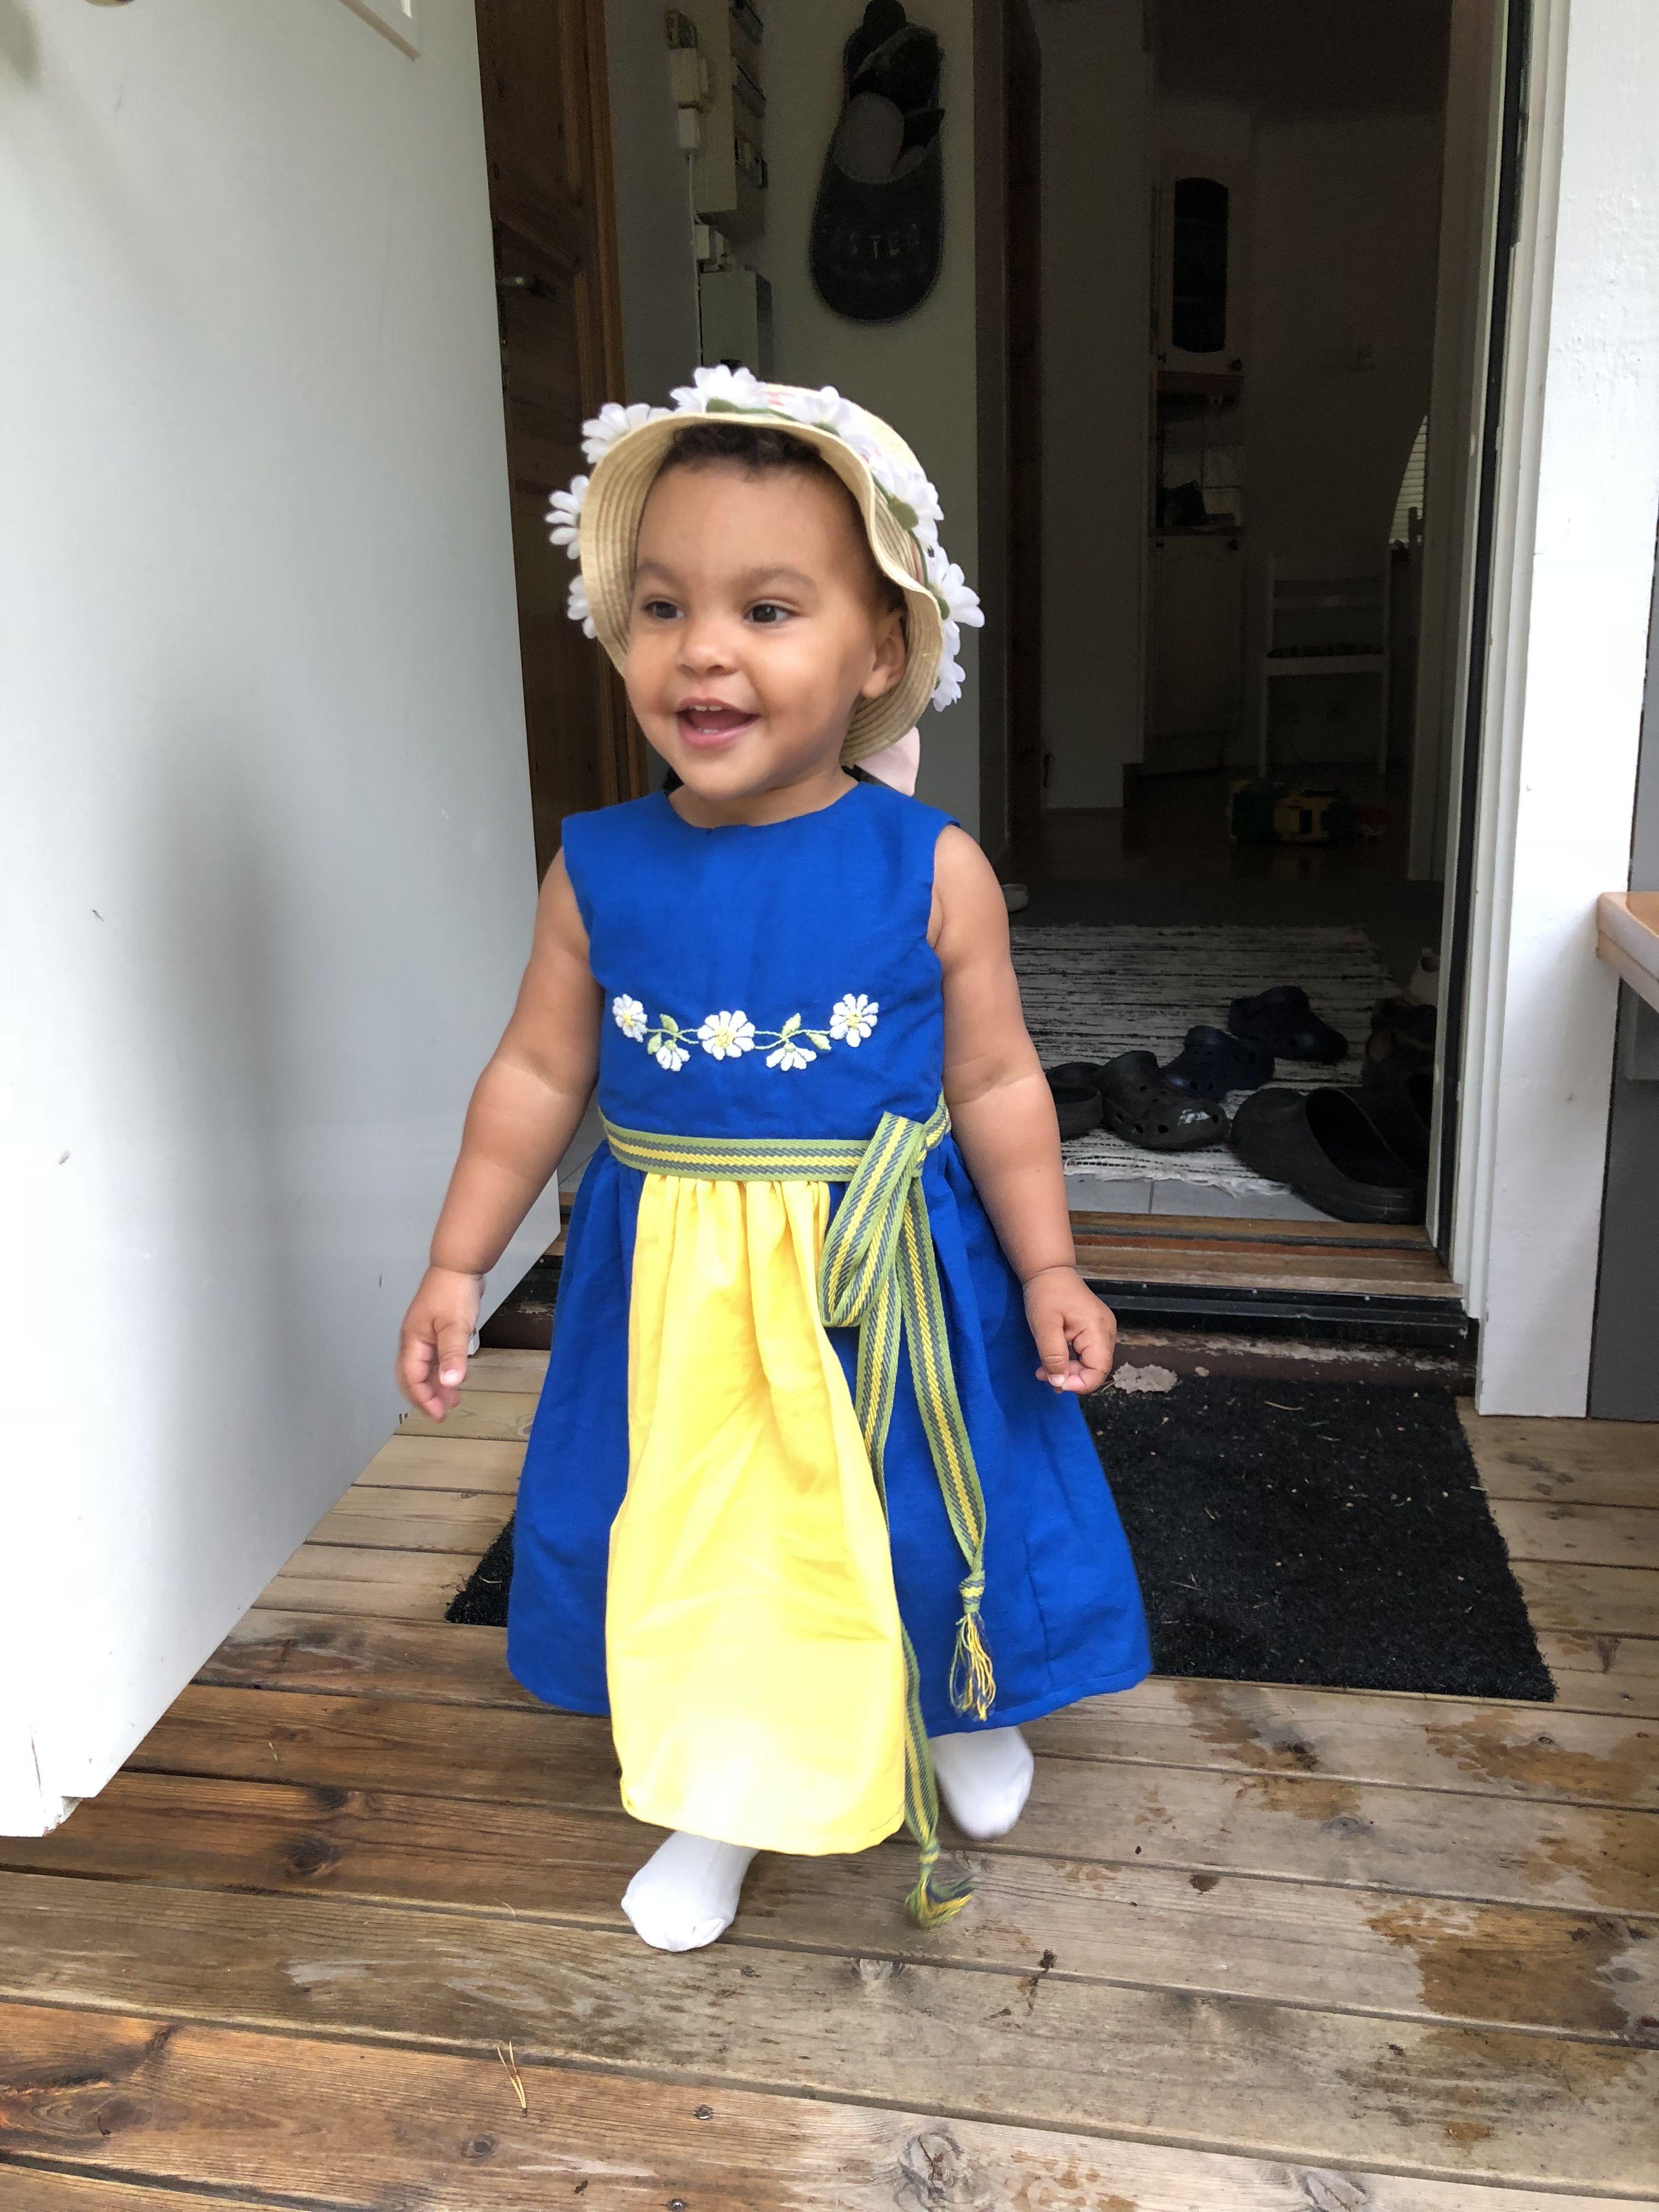 40f89605a54 Midsommar 2018, Diy Sverigeklänning, Sverigedräkt, Homemade swedish  traditional dress, national costume,